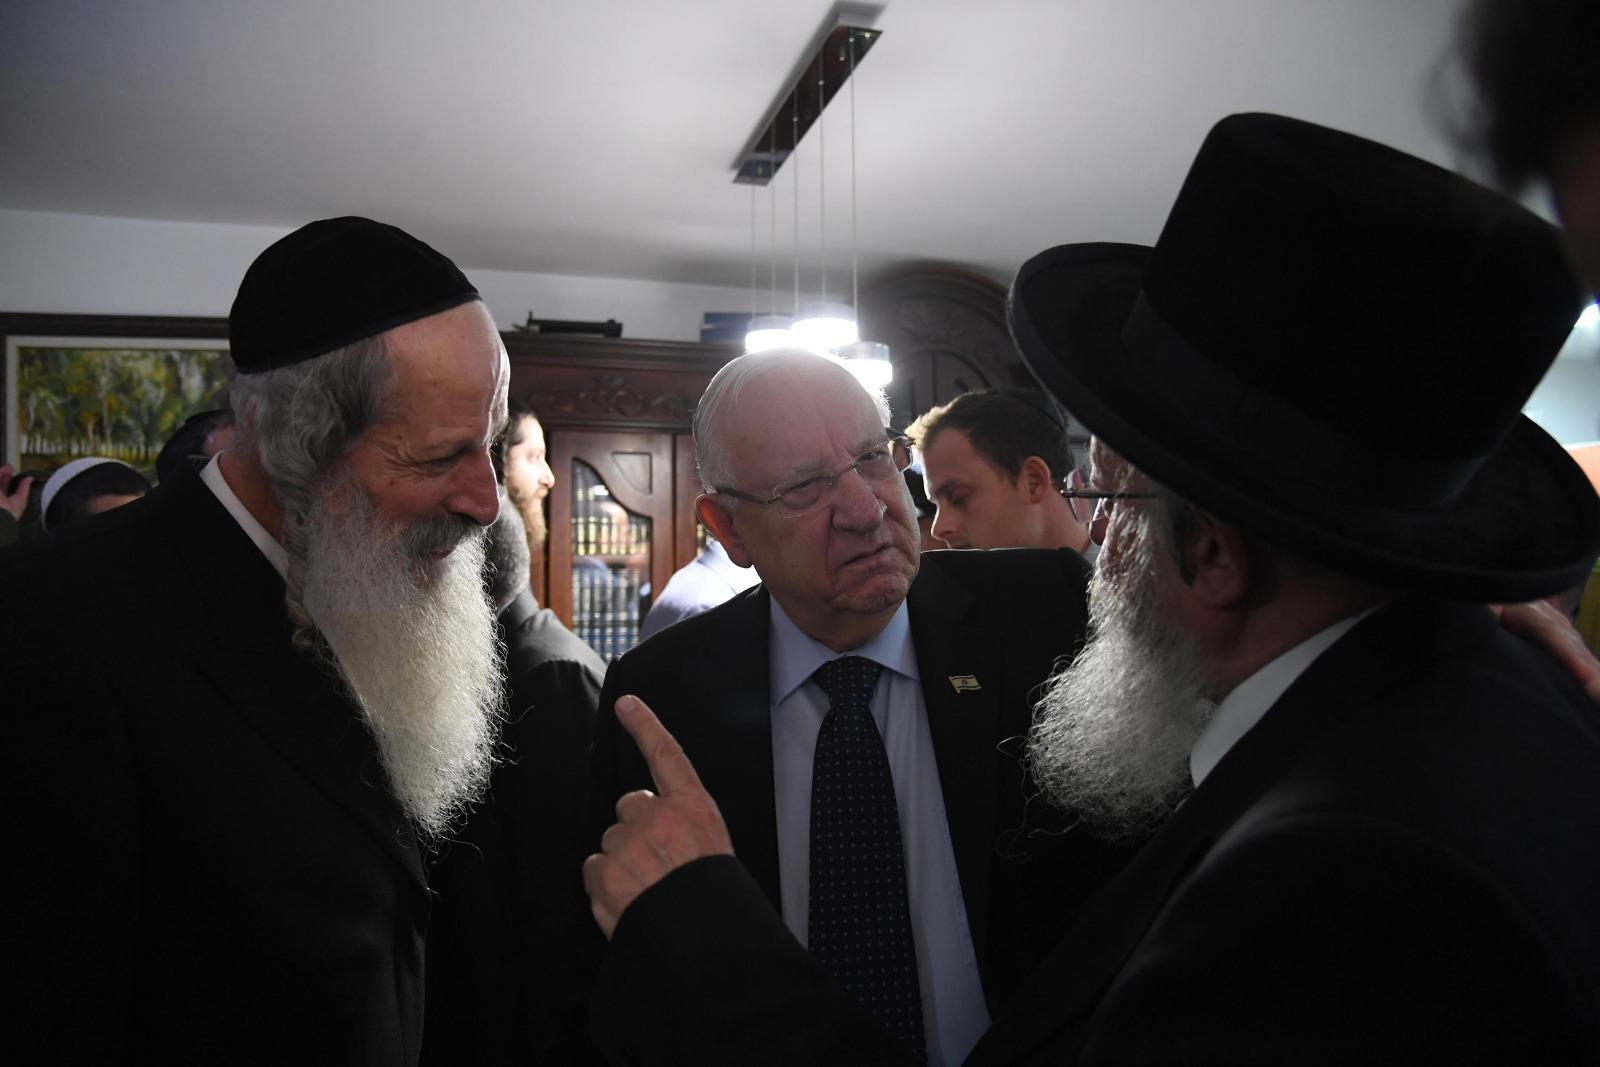 """הנשיא בביתו של הקדוש יוסף כהן הי""""ד בירושלים"""